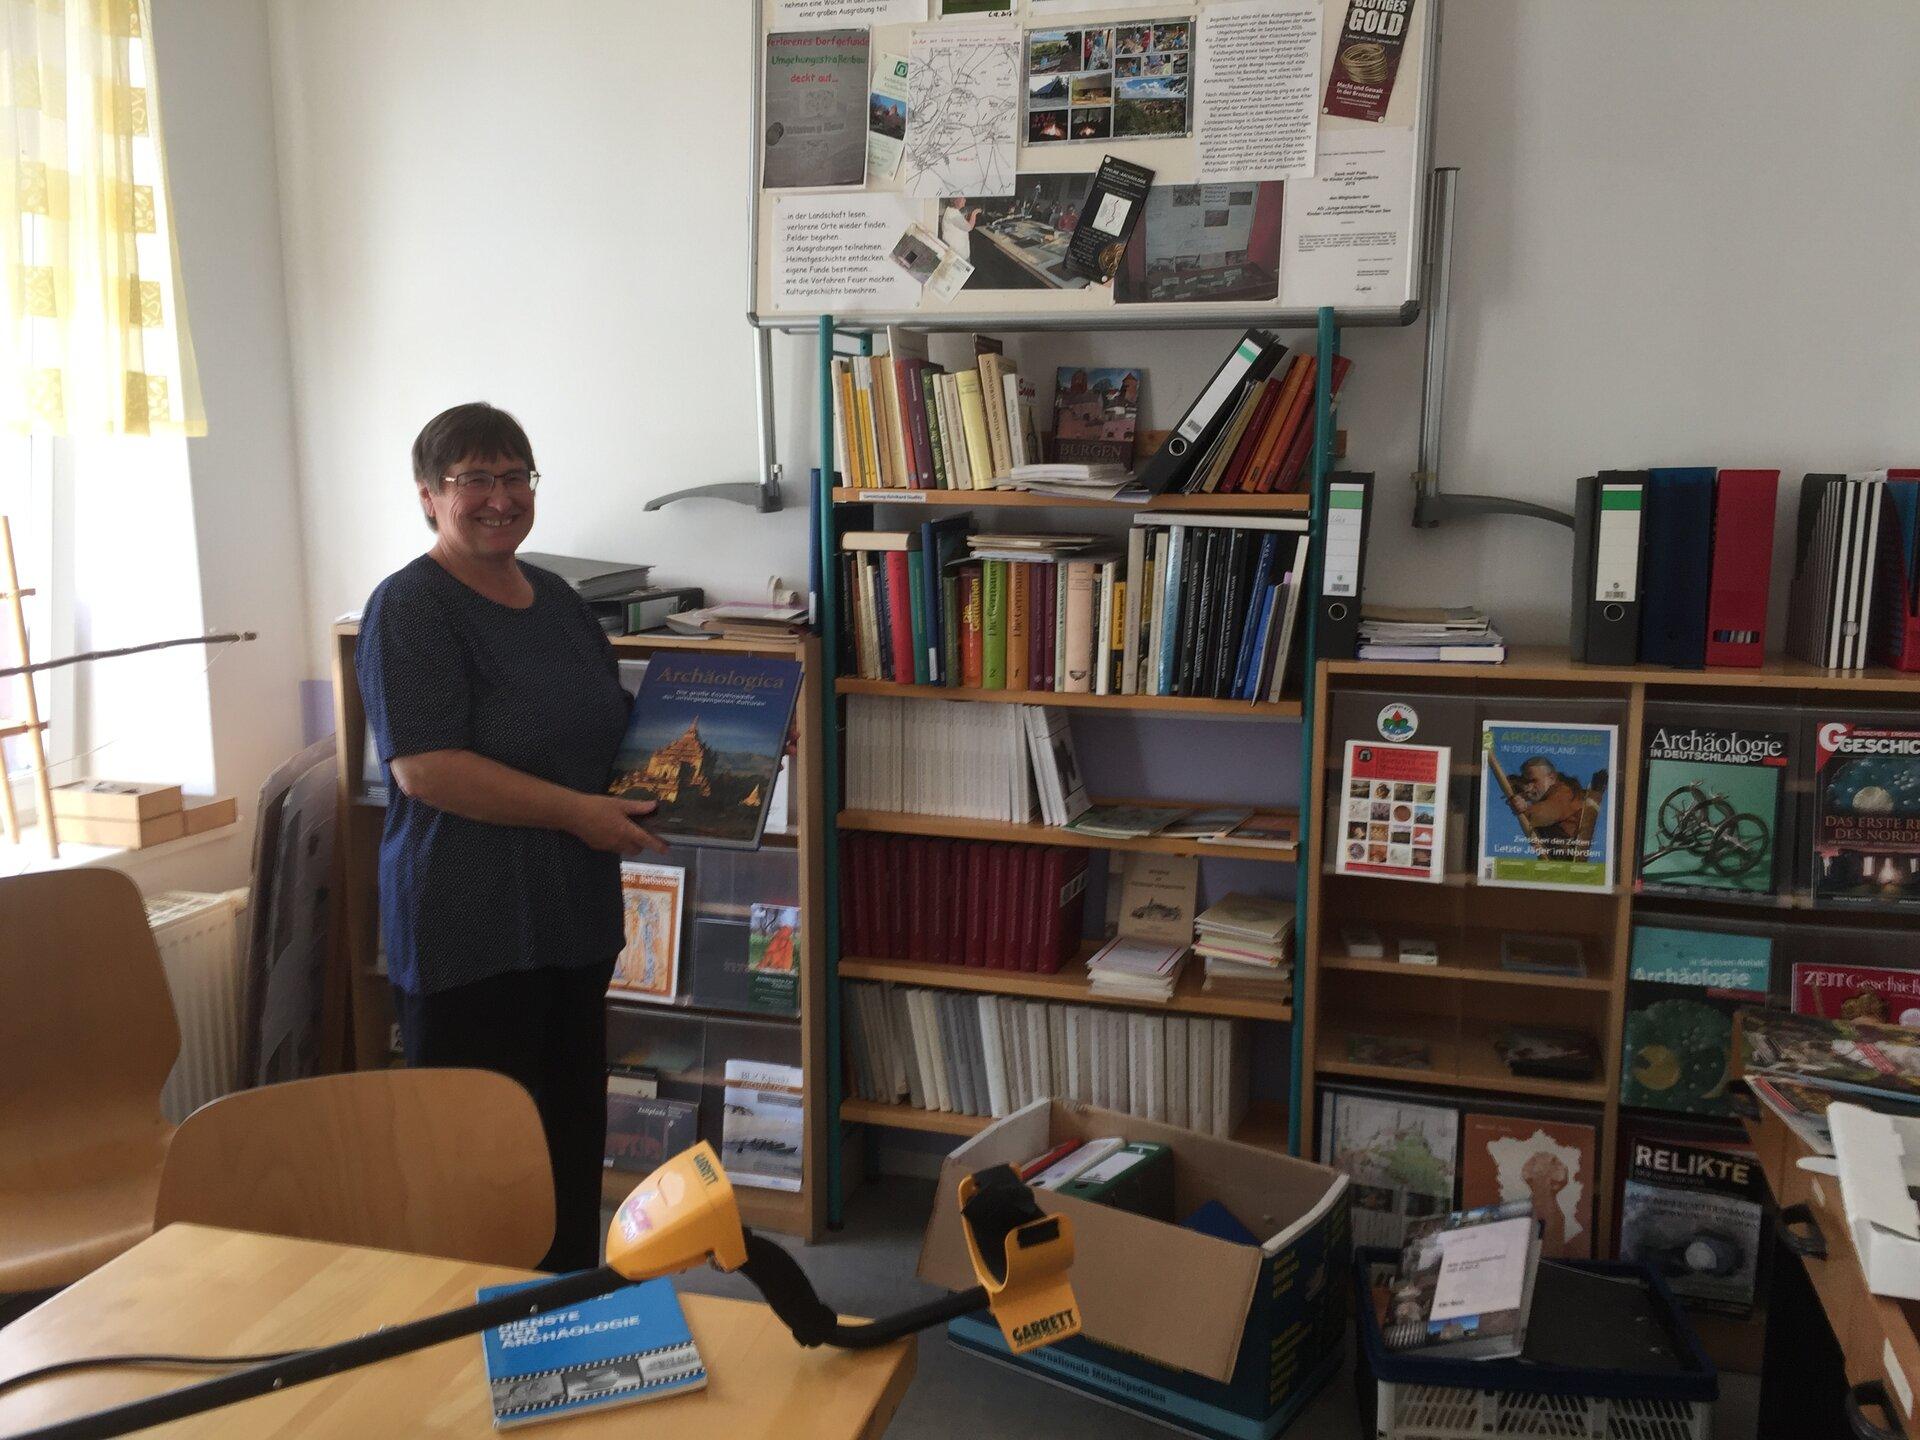 Übergabe der 'Sammlung Dudlitz' durch Elke Dudlitz im Juni 2020